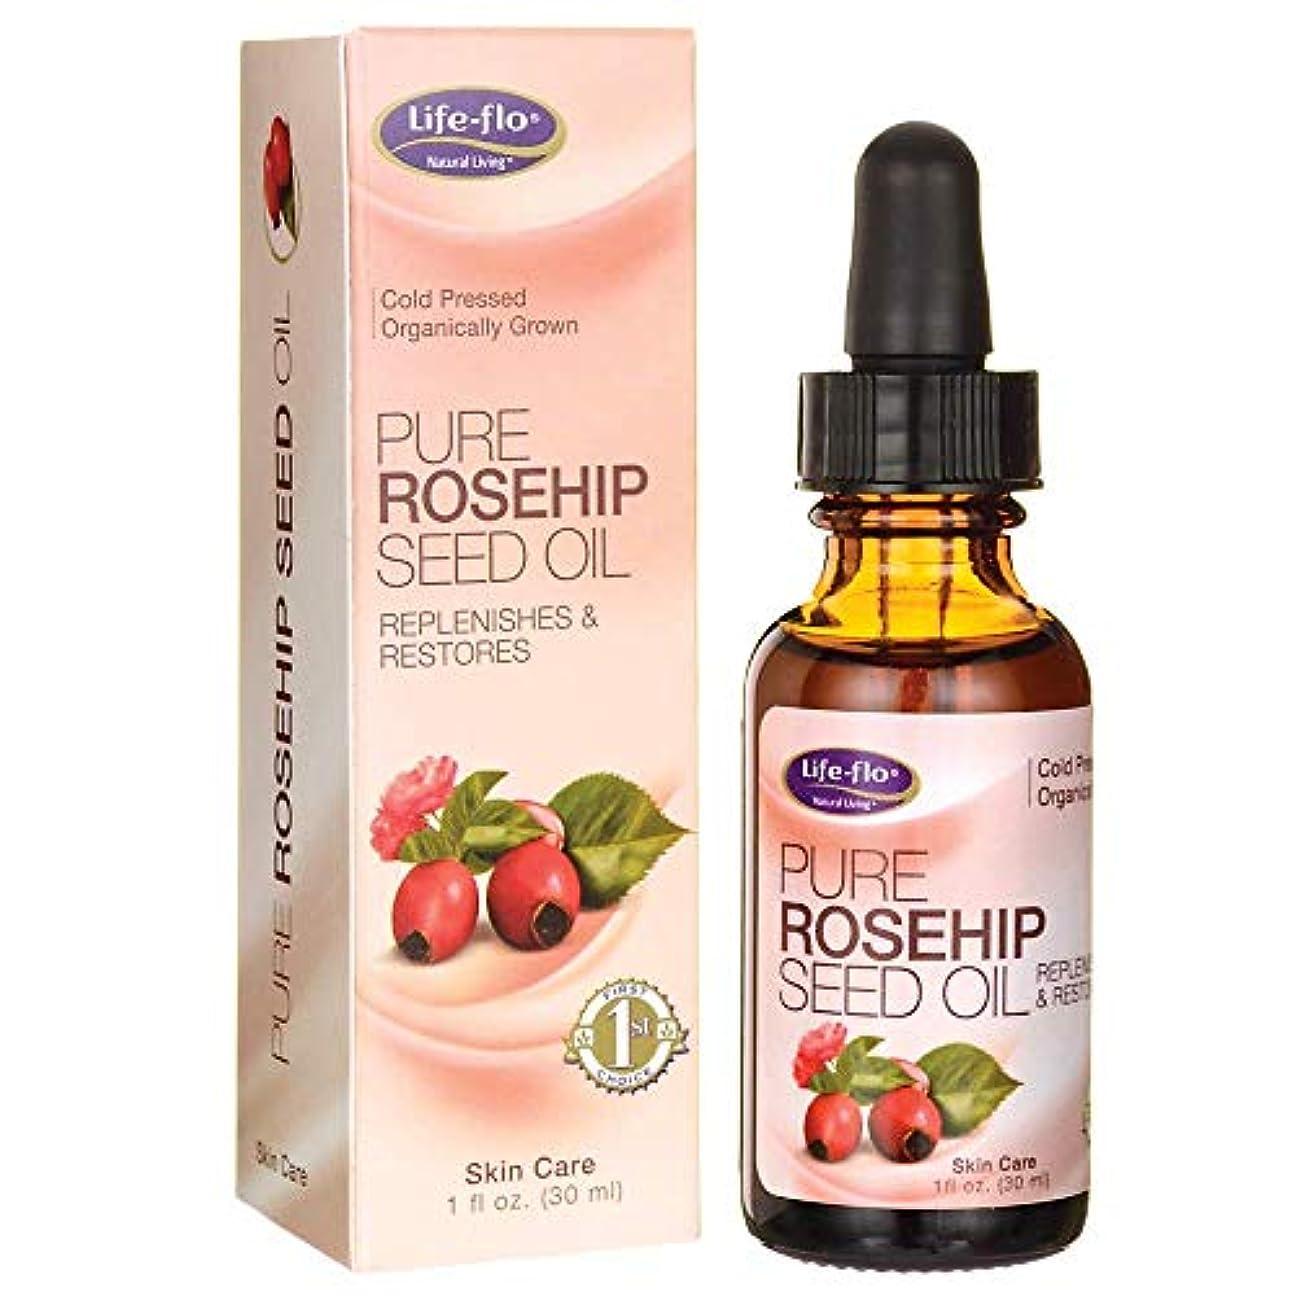 メジャー輪郭満足できる海外直送品 Life-Flo Pure Rosehip Seed Oil, 1 oz